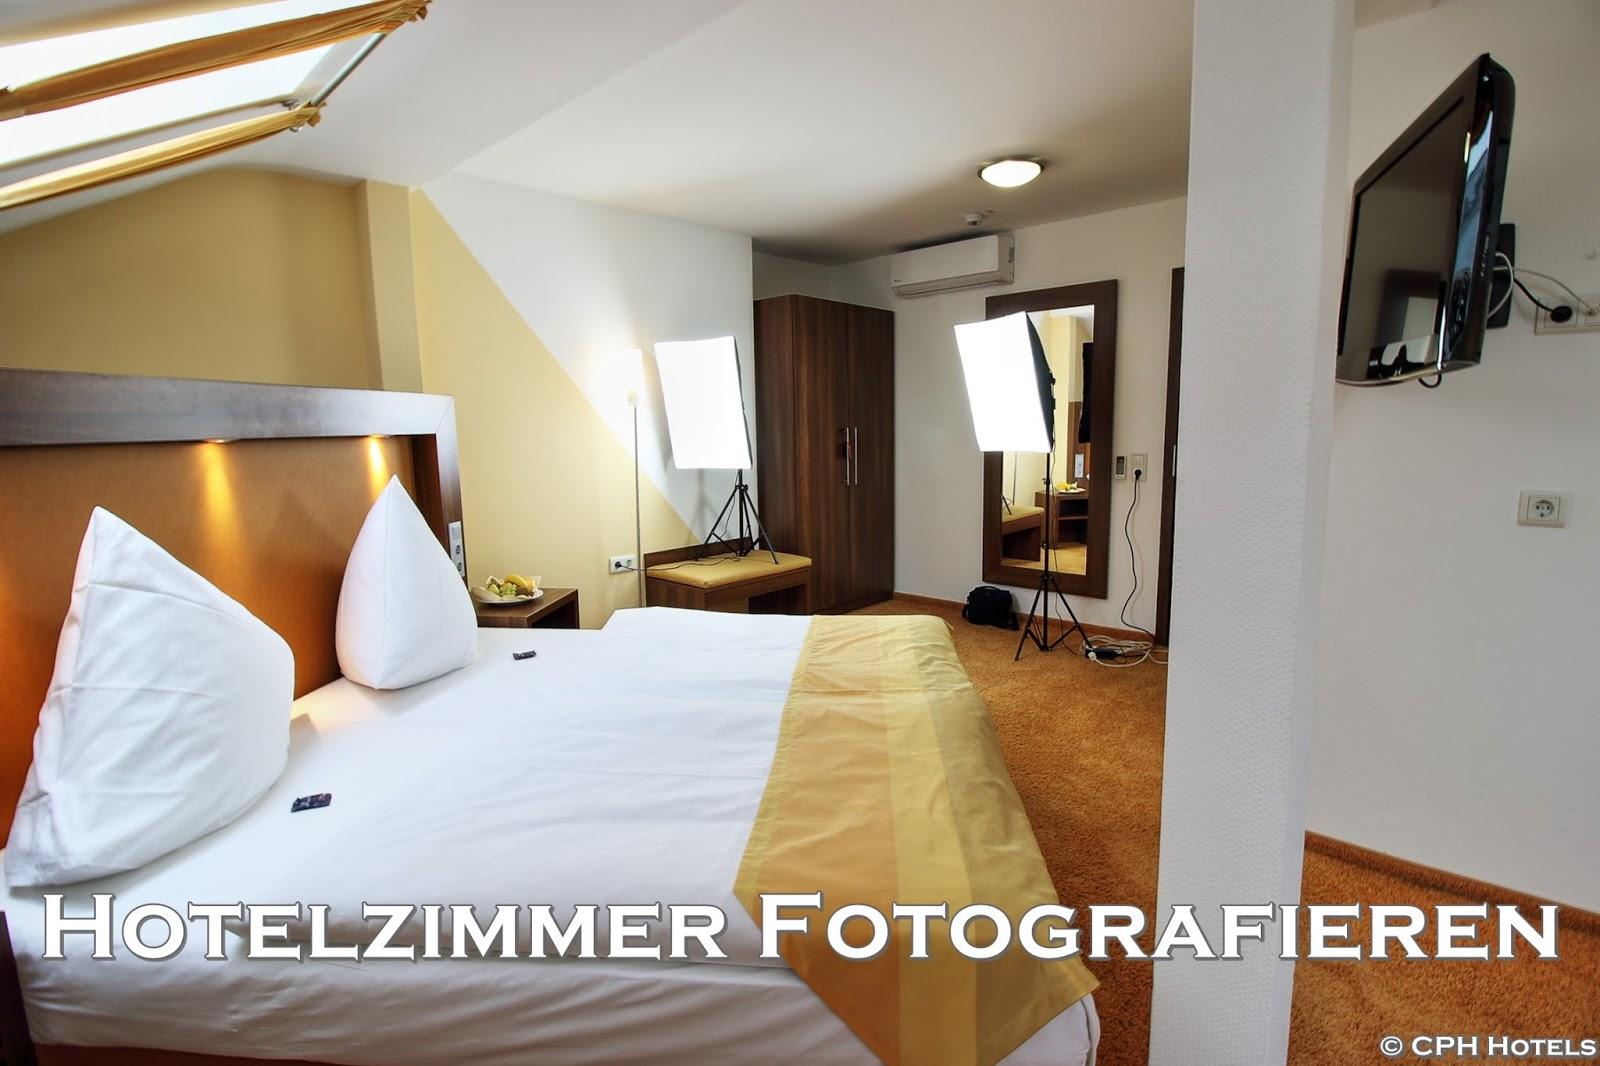 Hotelfotografie Tipps & Beispiele